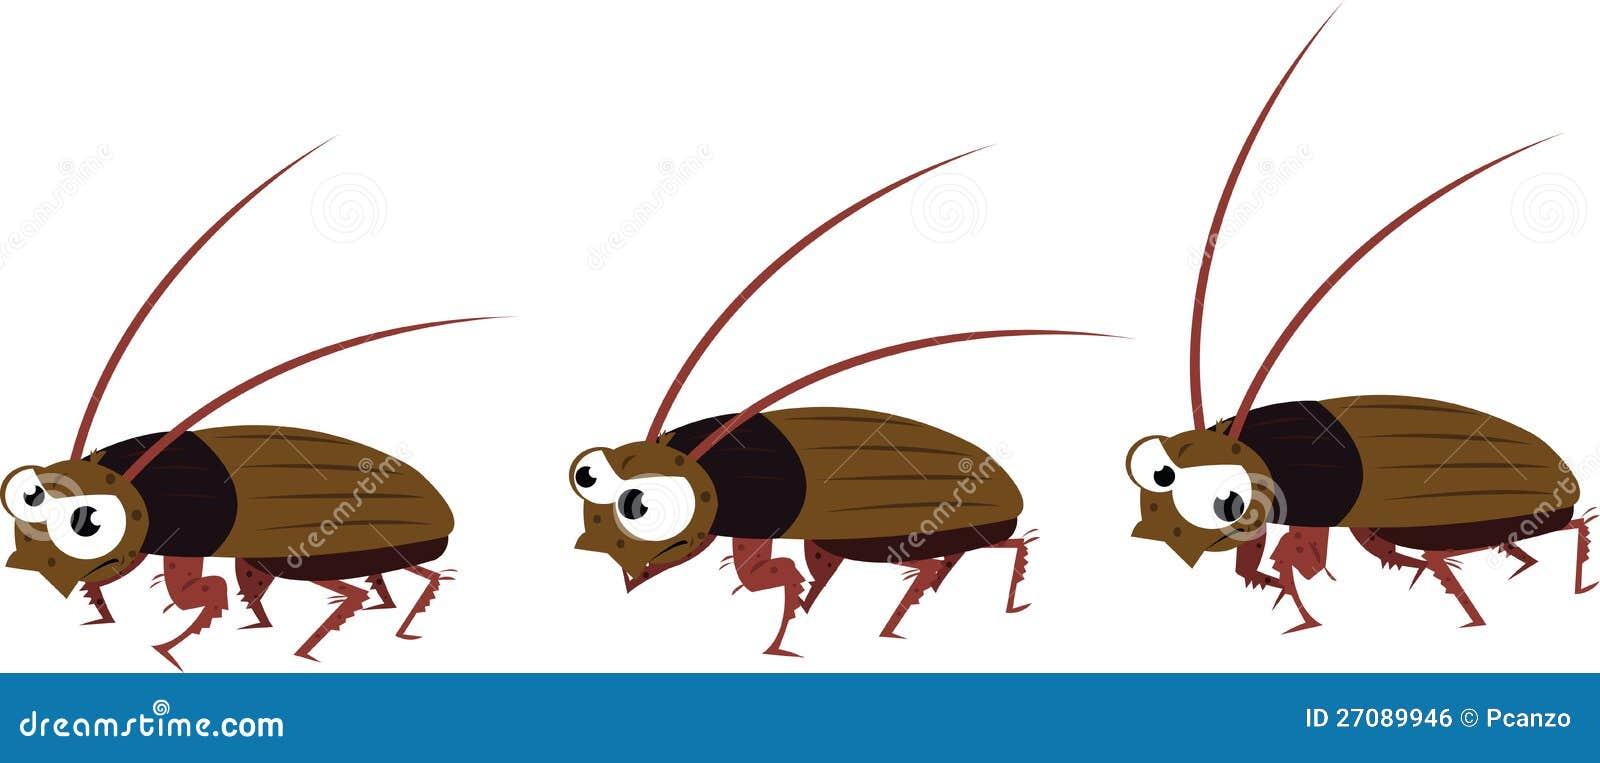 滑稽蟑螂走图片